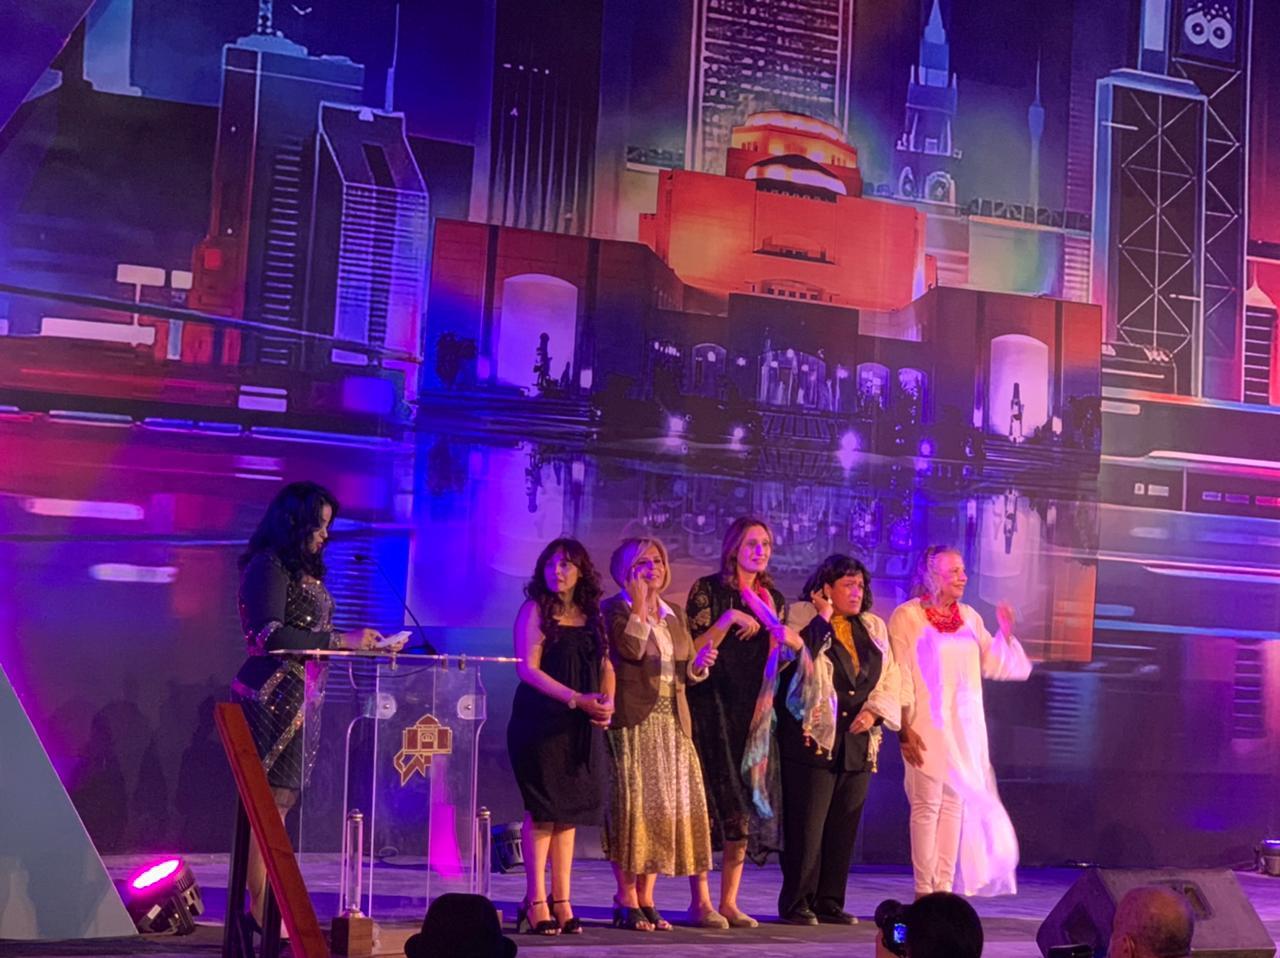 مهرجان إيزيس الدولى لمسرح المرأة (2)